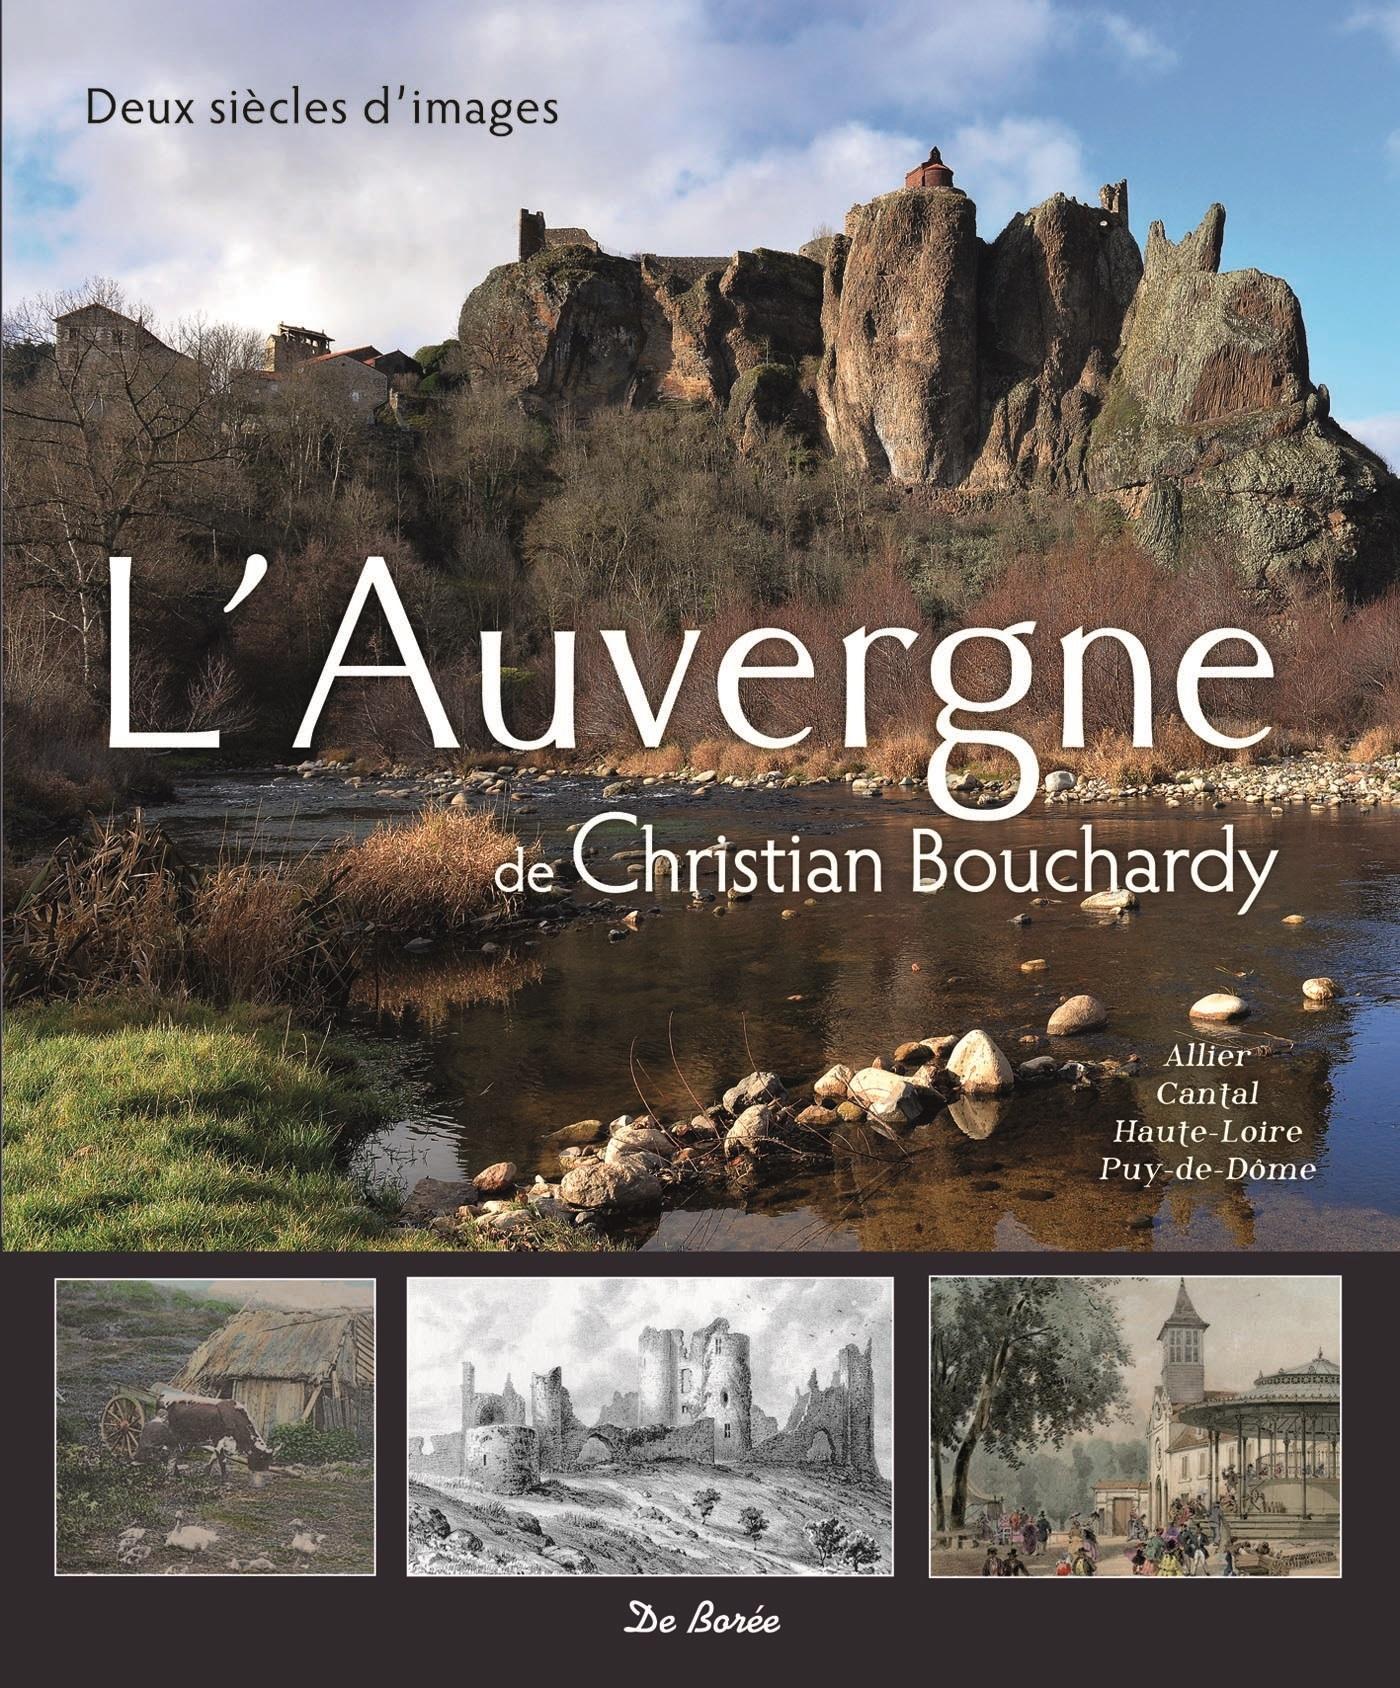 AUVERGNE DE CHRISTIAN BOUCHARDY (L')